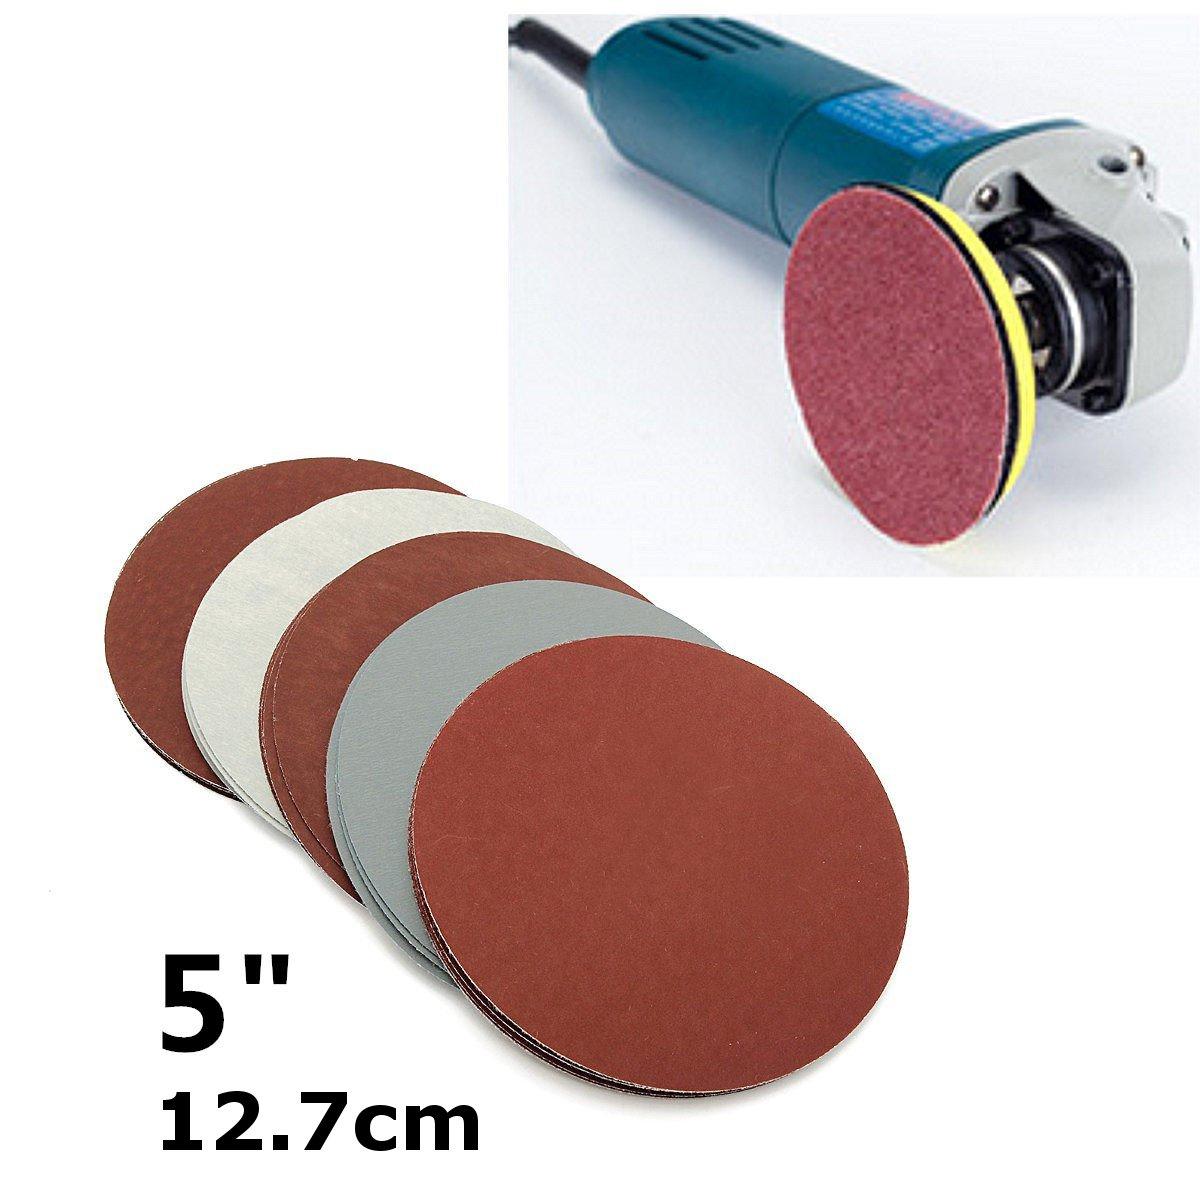 25Pcs 5 Inch Disc Hook Loop Sandpaper Sand Paper Grit 1000 /1500 /2000 /2500/3000 Sanding Round Sandpaper Disk Sand Sheets